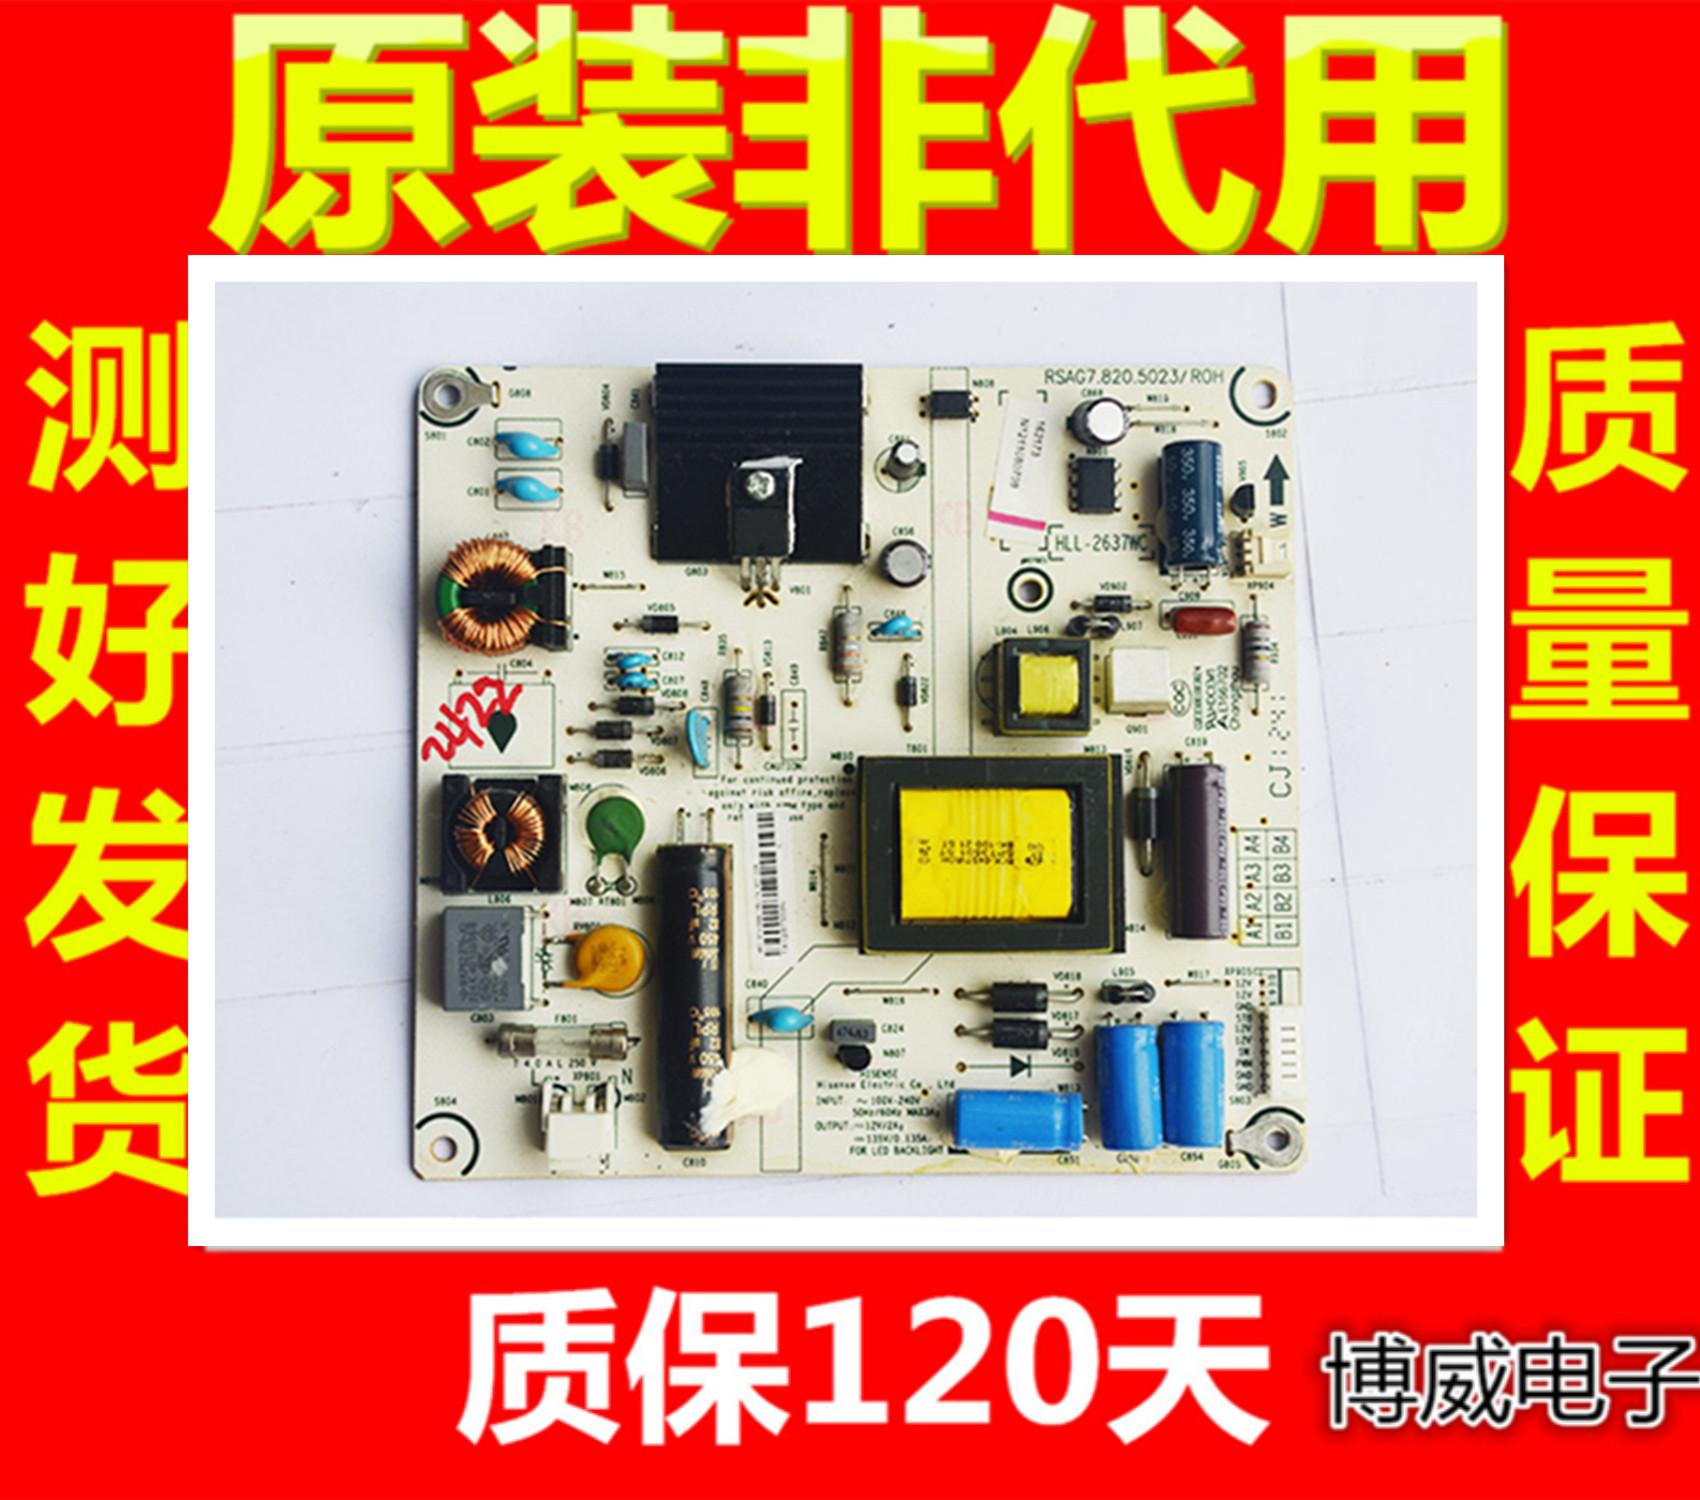 Litre de rétroéclairage haute tension d'alimentation de la carte - mère ZML118 32 pouces de télévision à écran plat à cristaux liquides Hisense LED32H310 d'alimentation